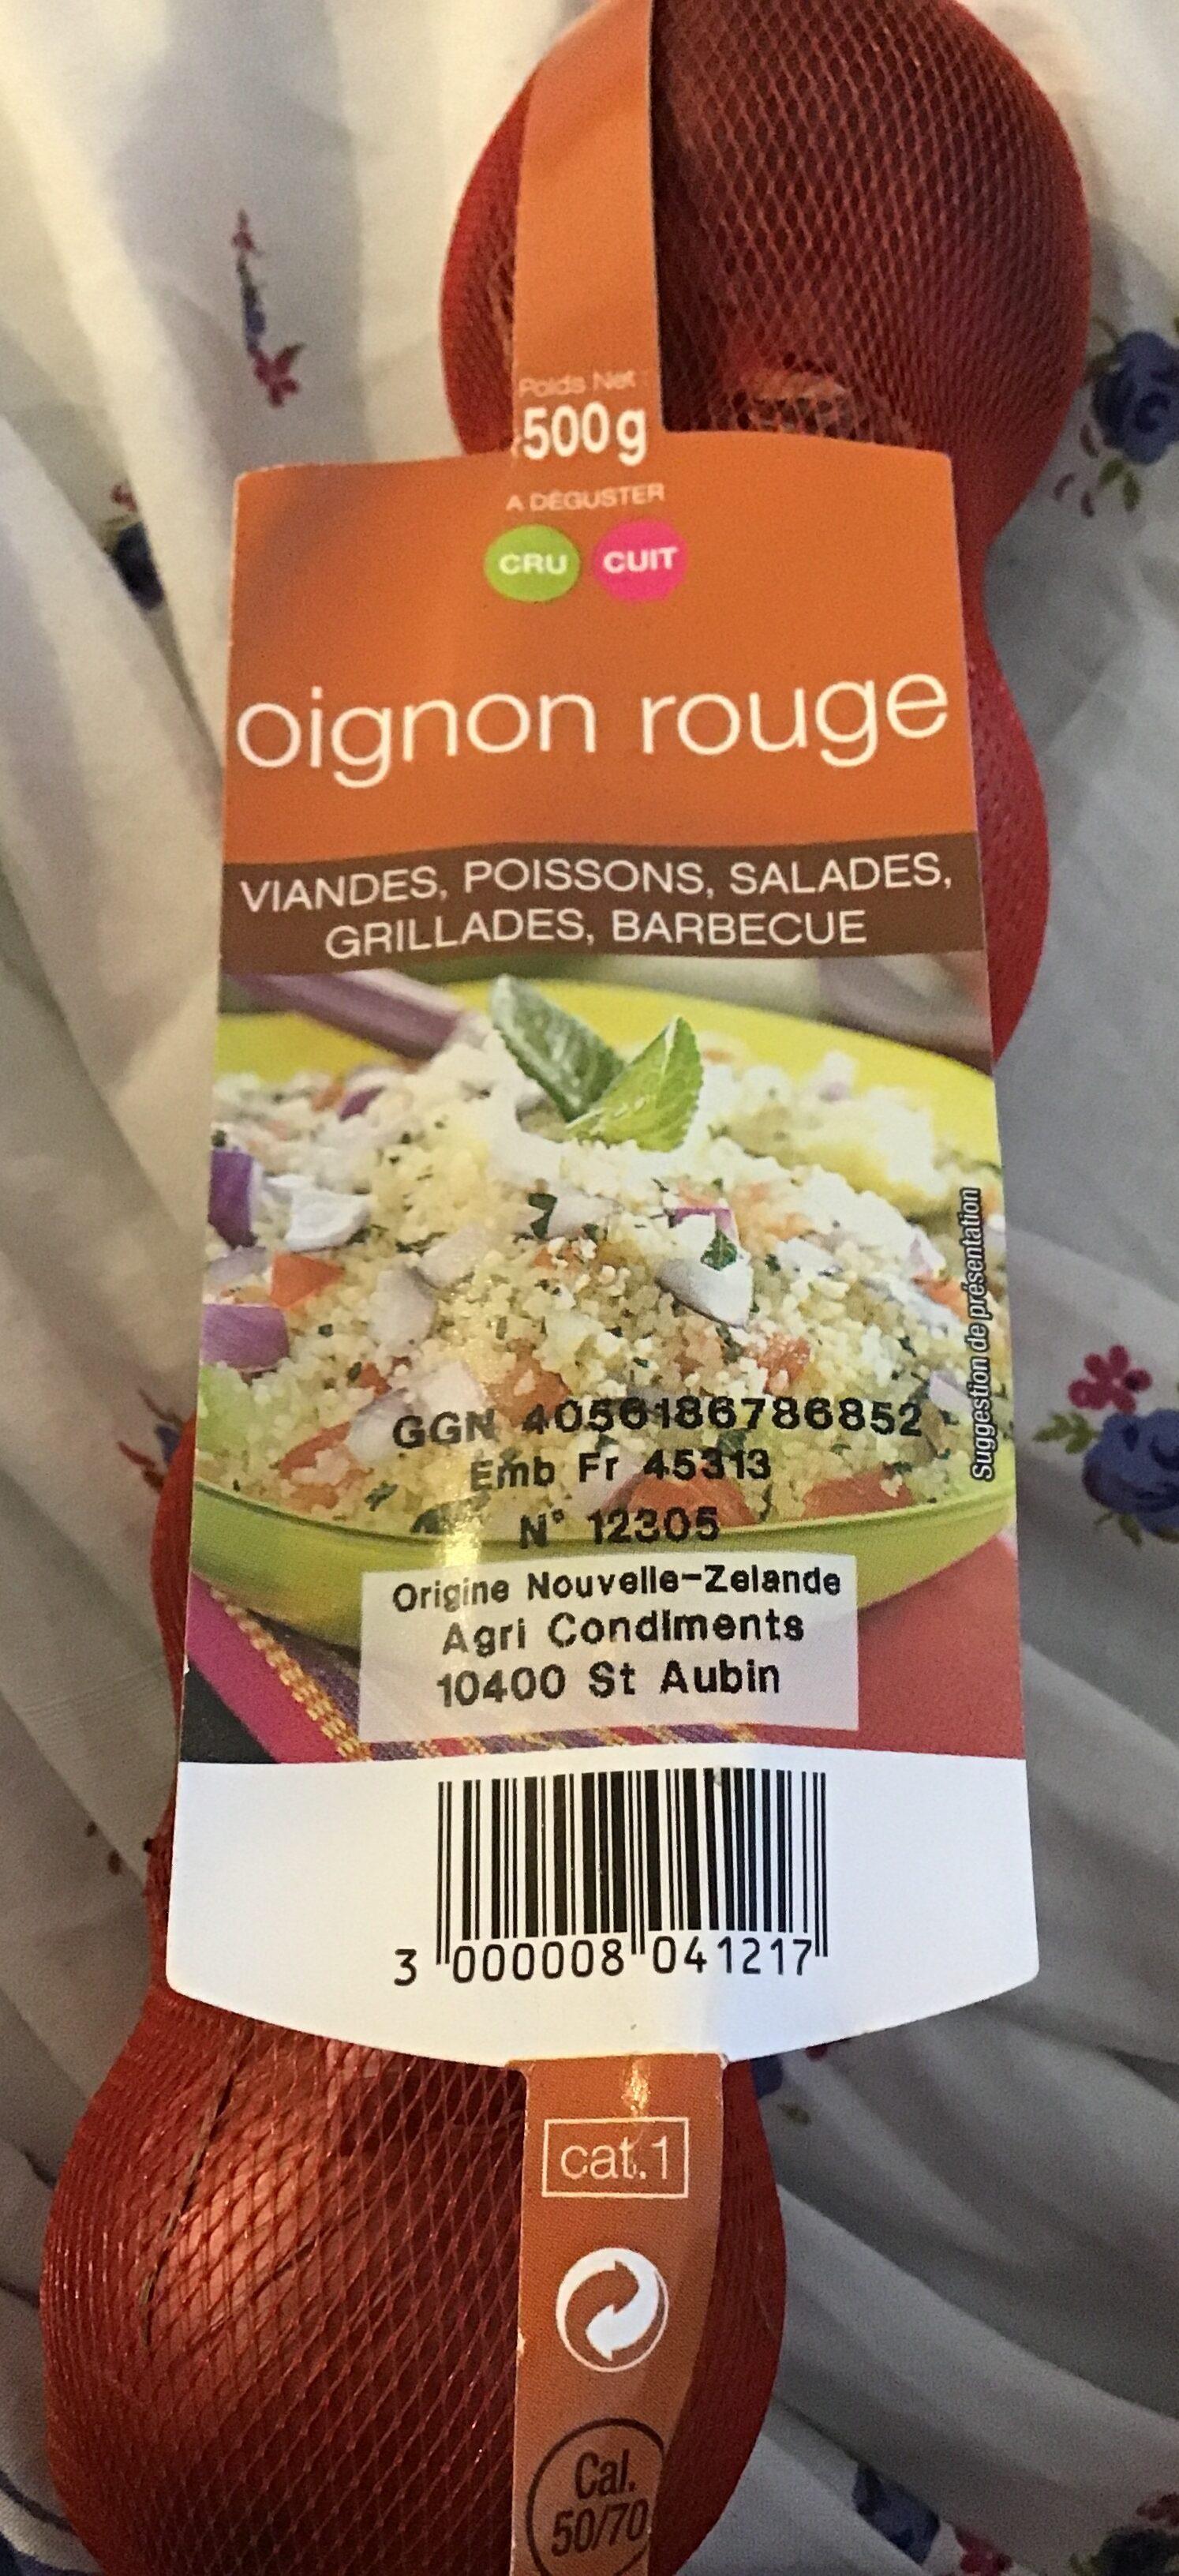 Oignons Rouges - Origine Argentine - Product - fr